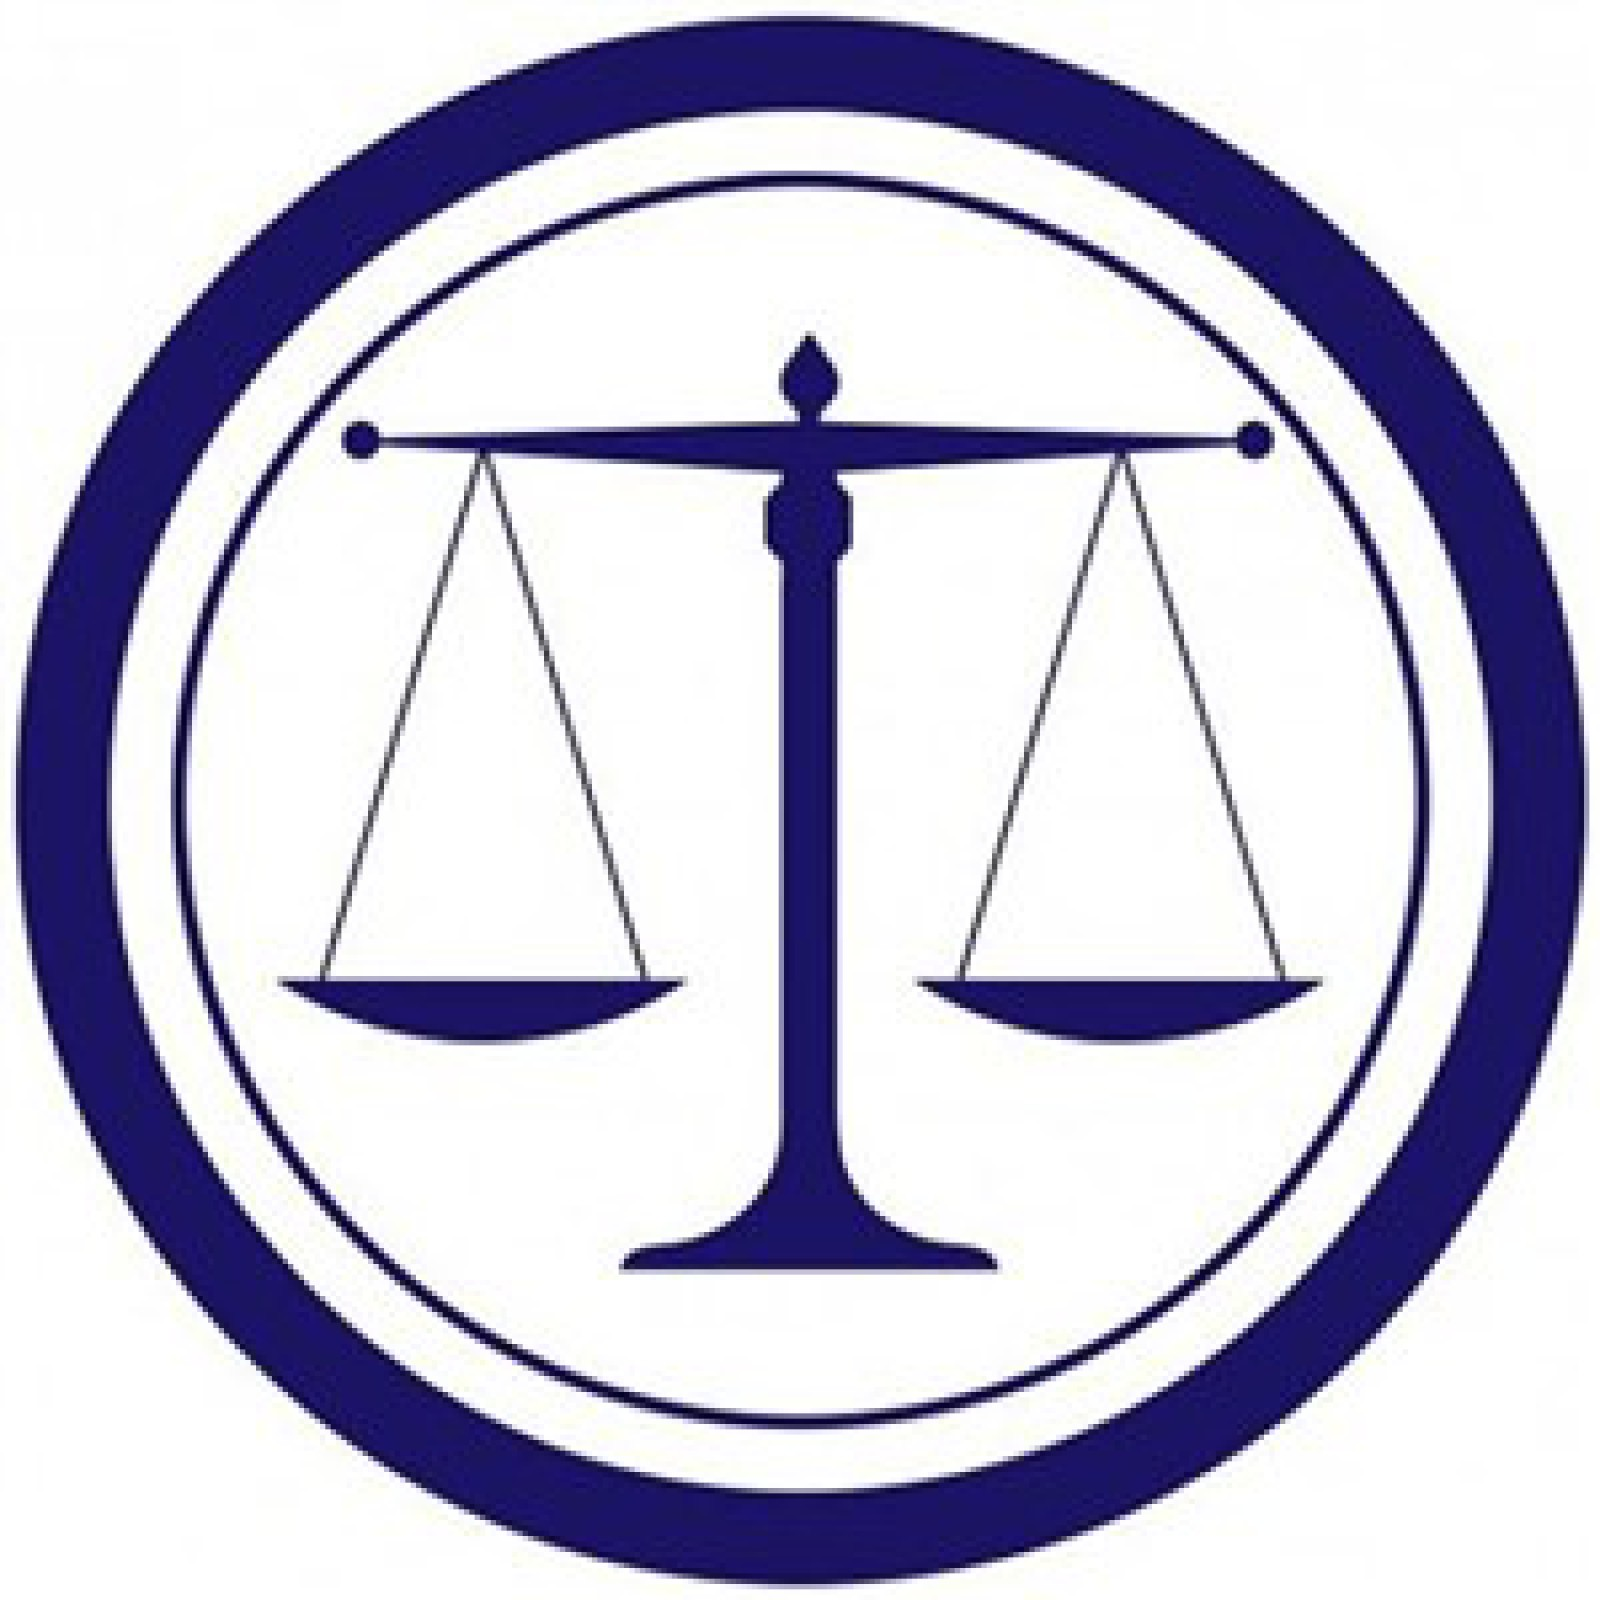 Improcedibilità per mancato deposito di copia autentica del provvedimento impugnato: la S.C. conferma il proprio orientamento